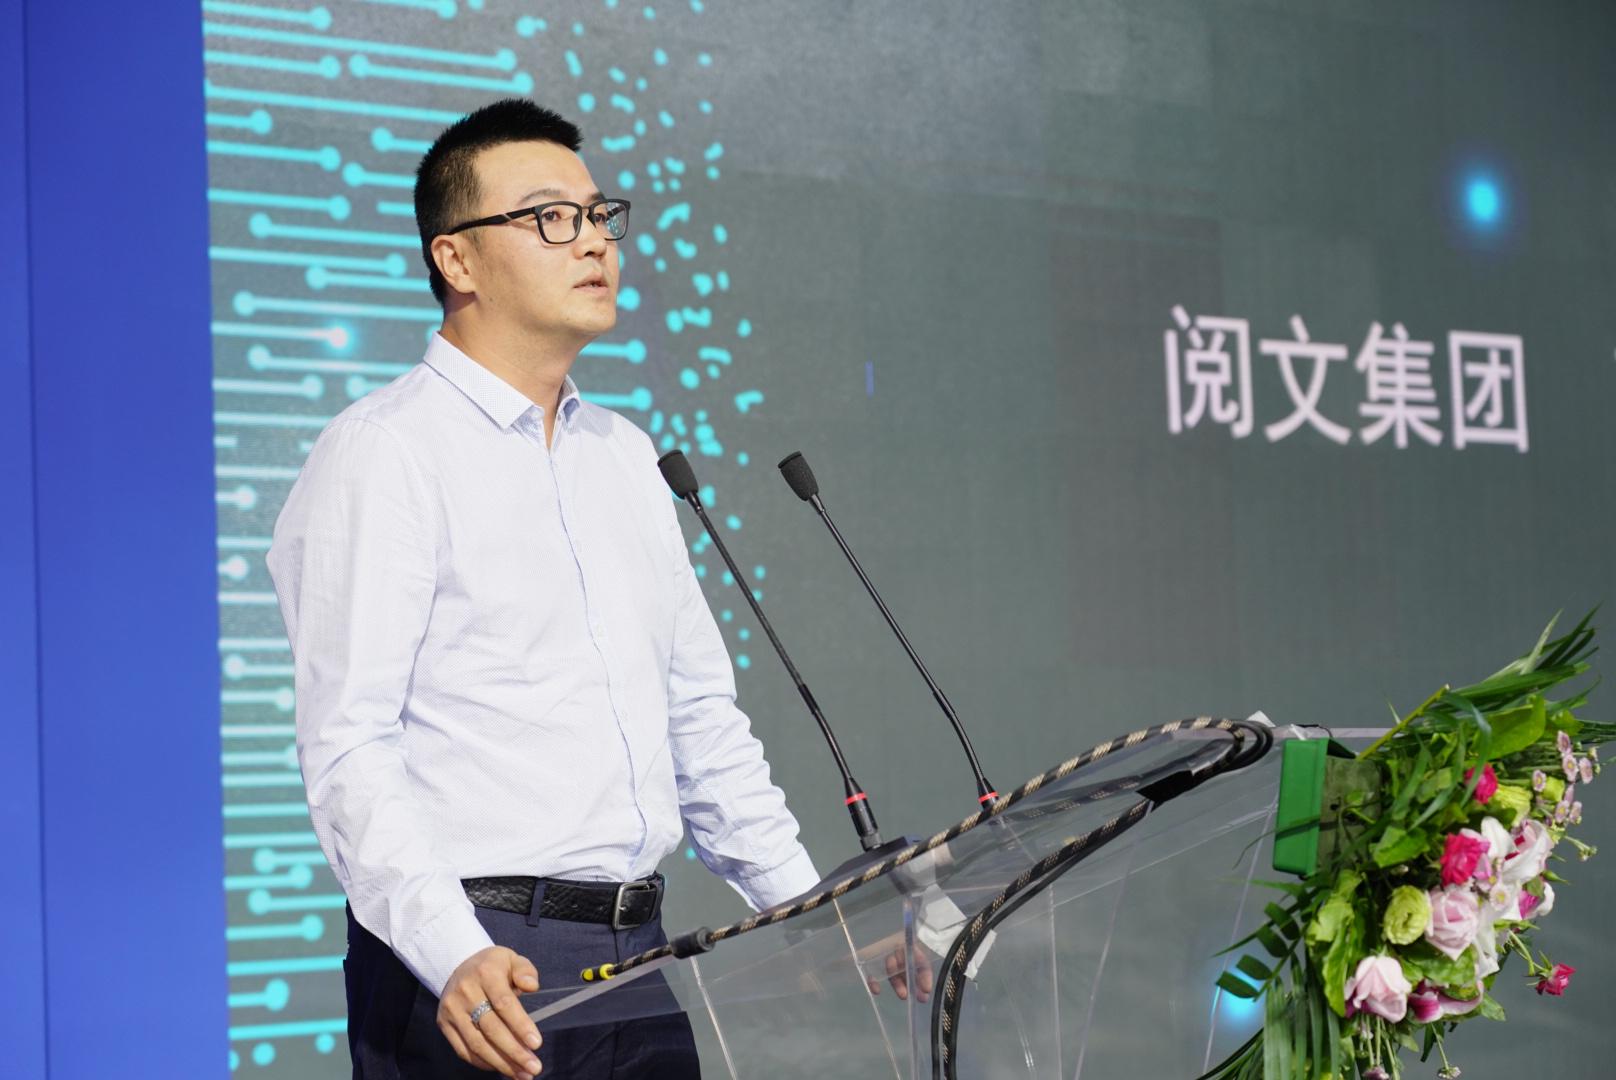 阅文集团与中图公司达成全球战略合作 看重海外渠道